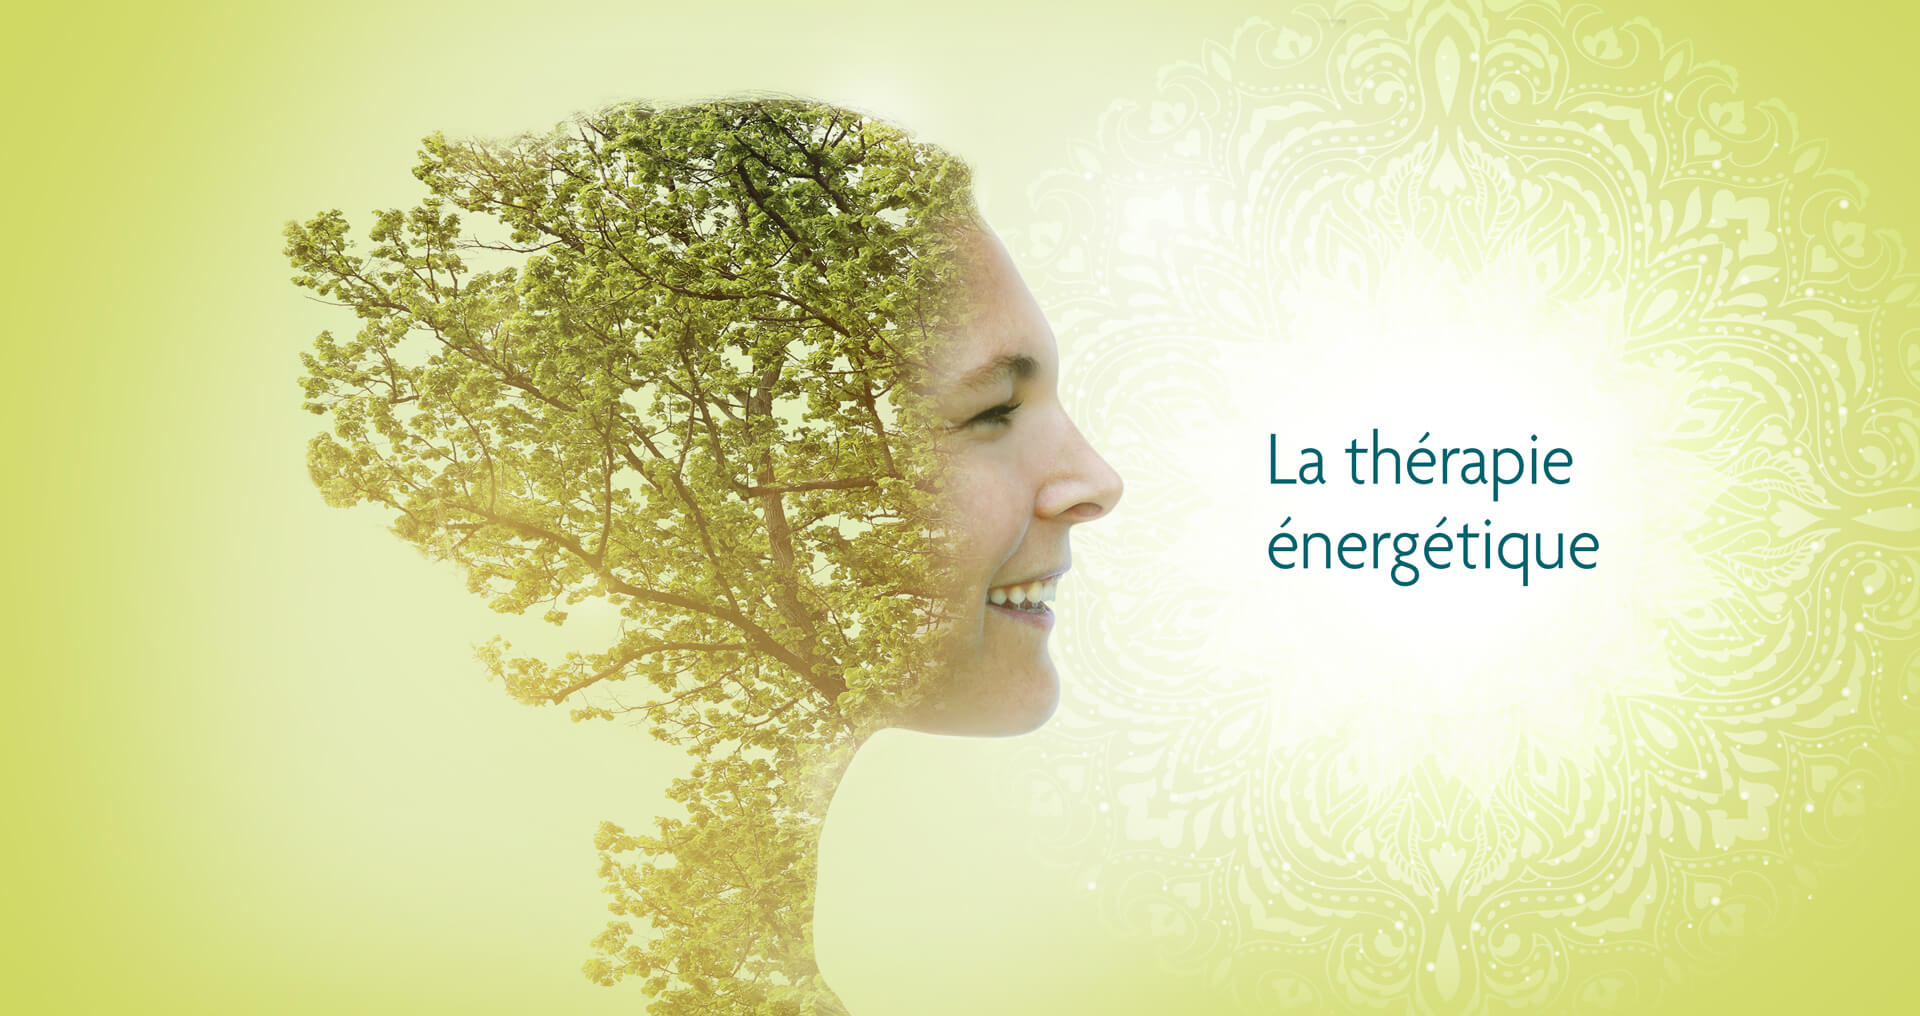 La thérapie énergétique par Aurélie Baumlin en Alsace